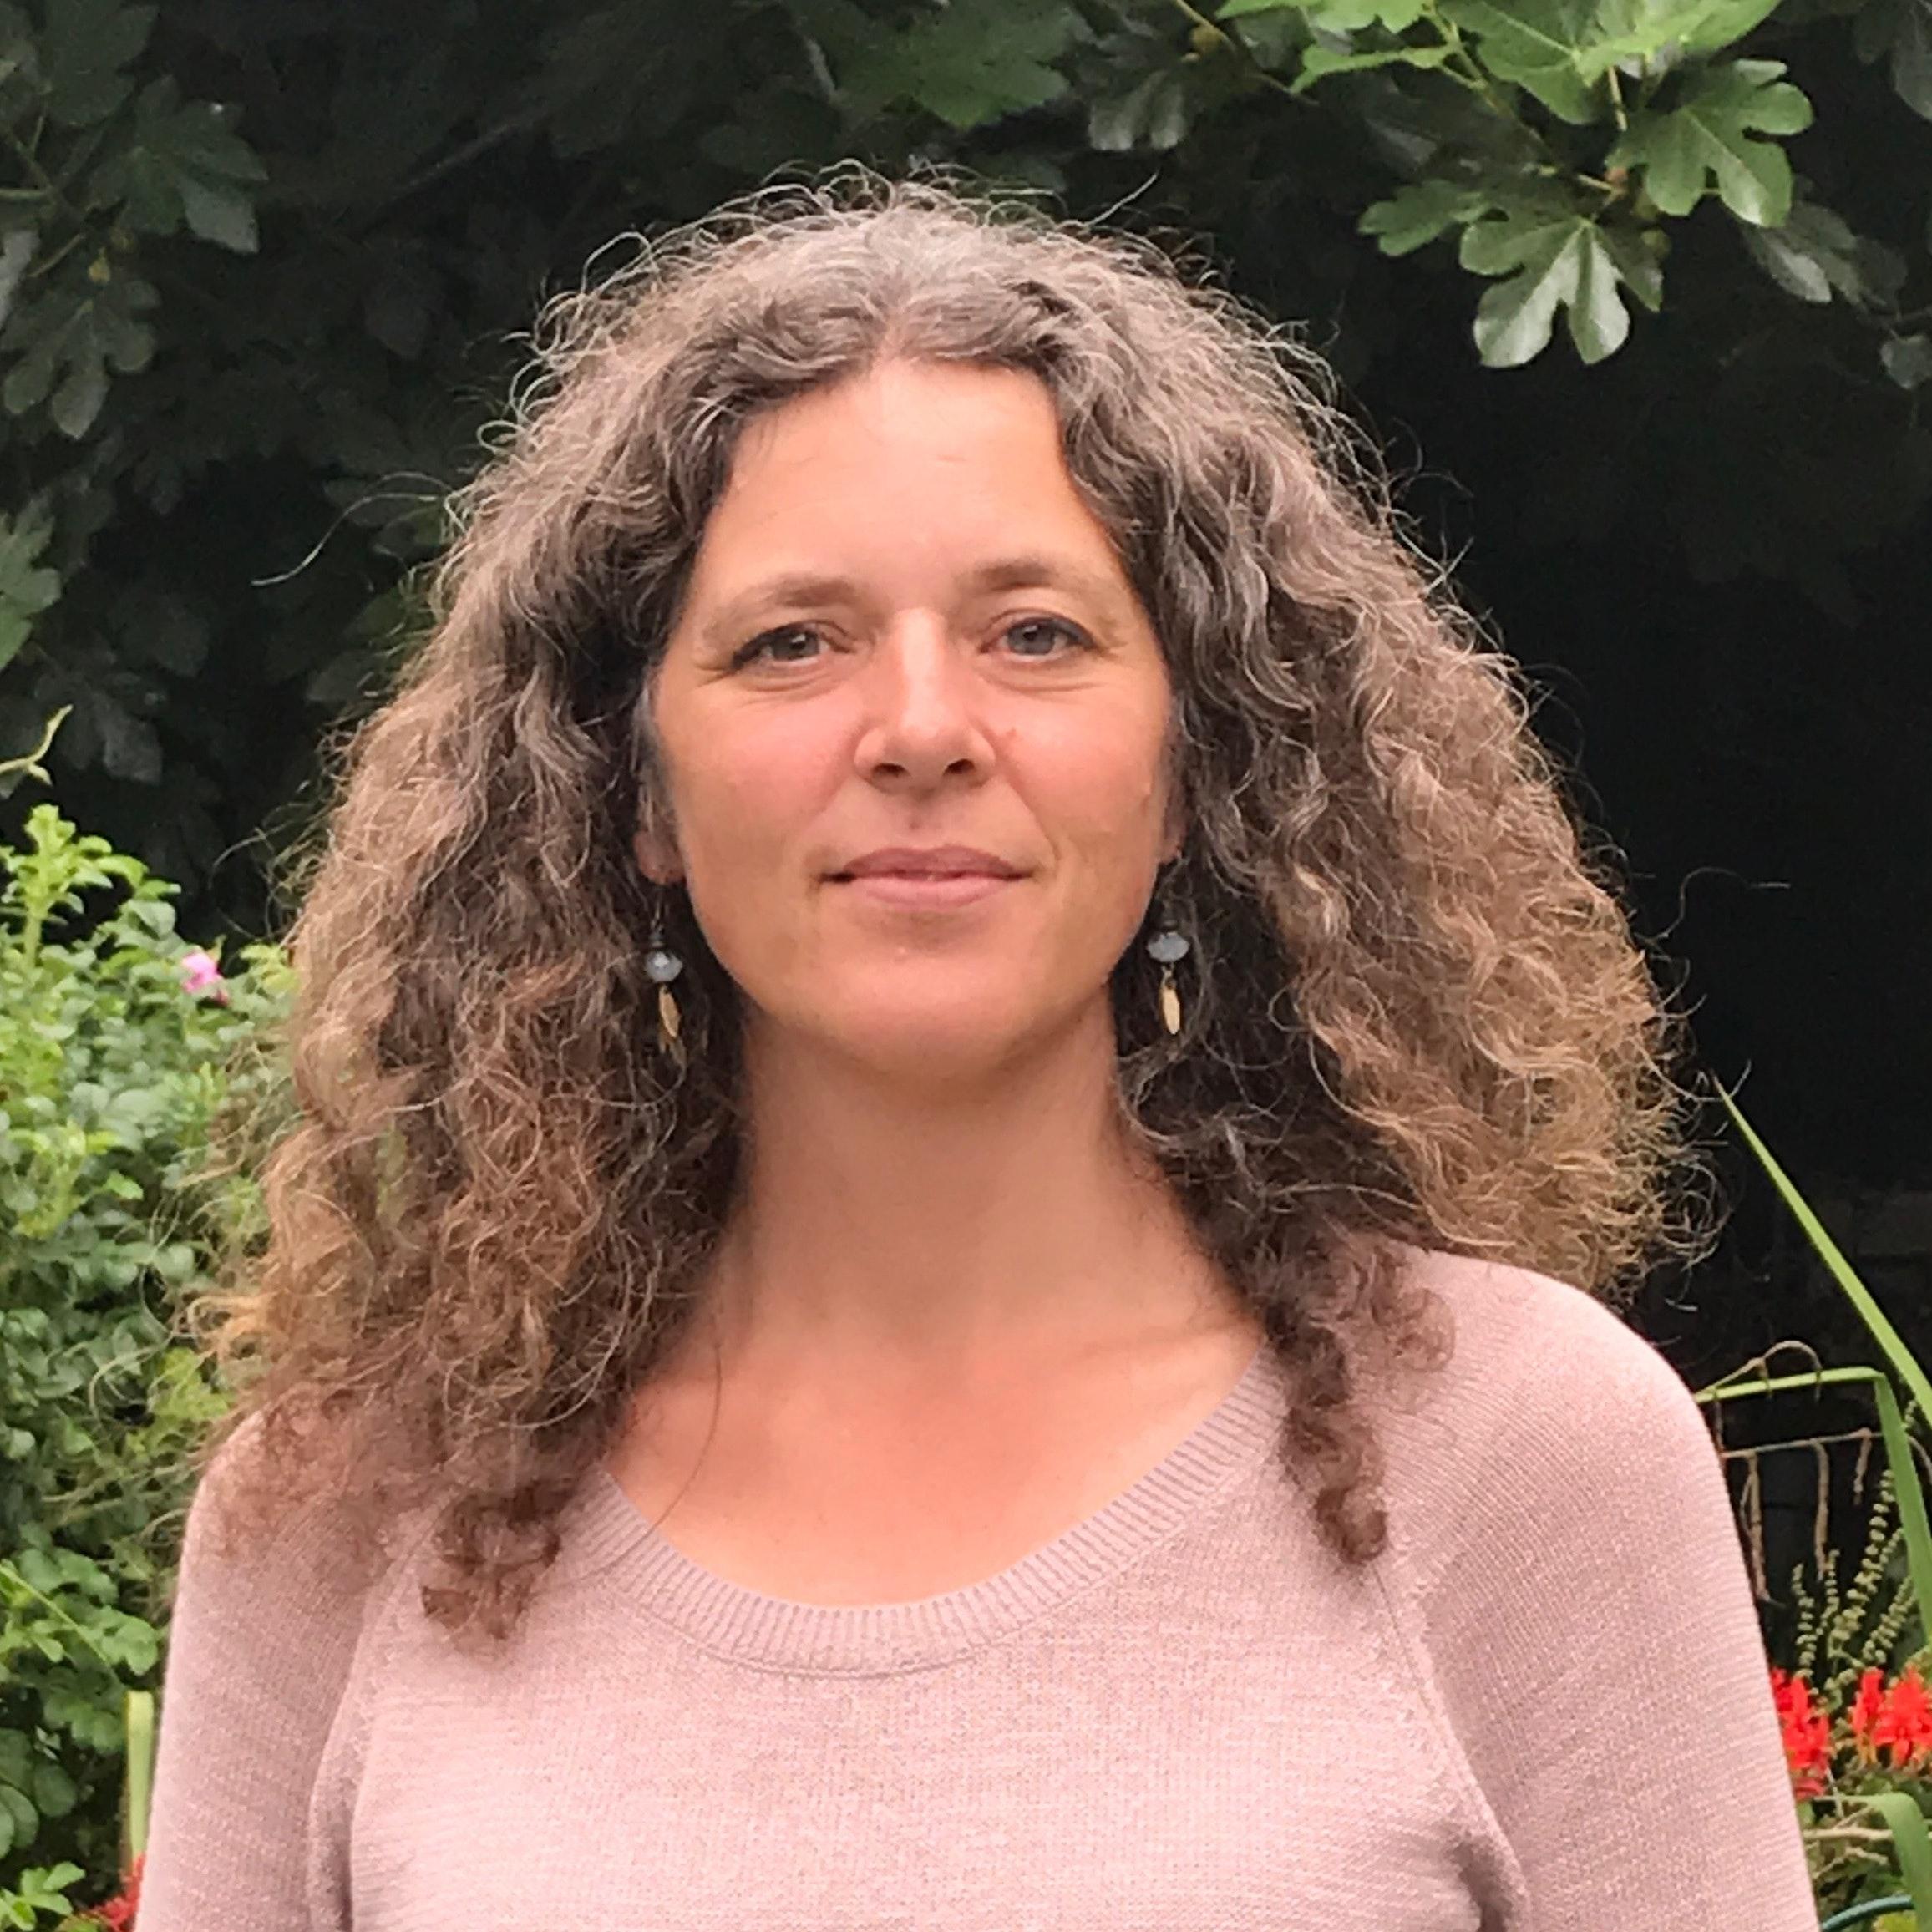 Tamara Leeuwerik